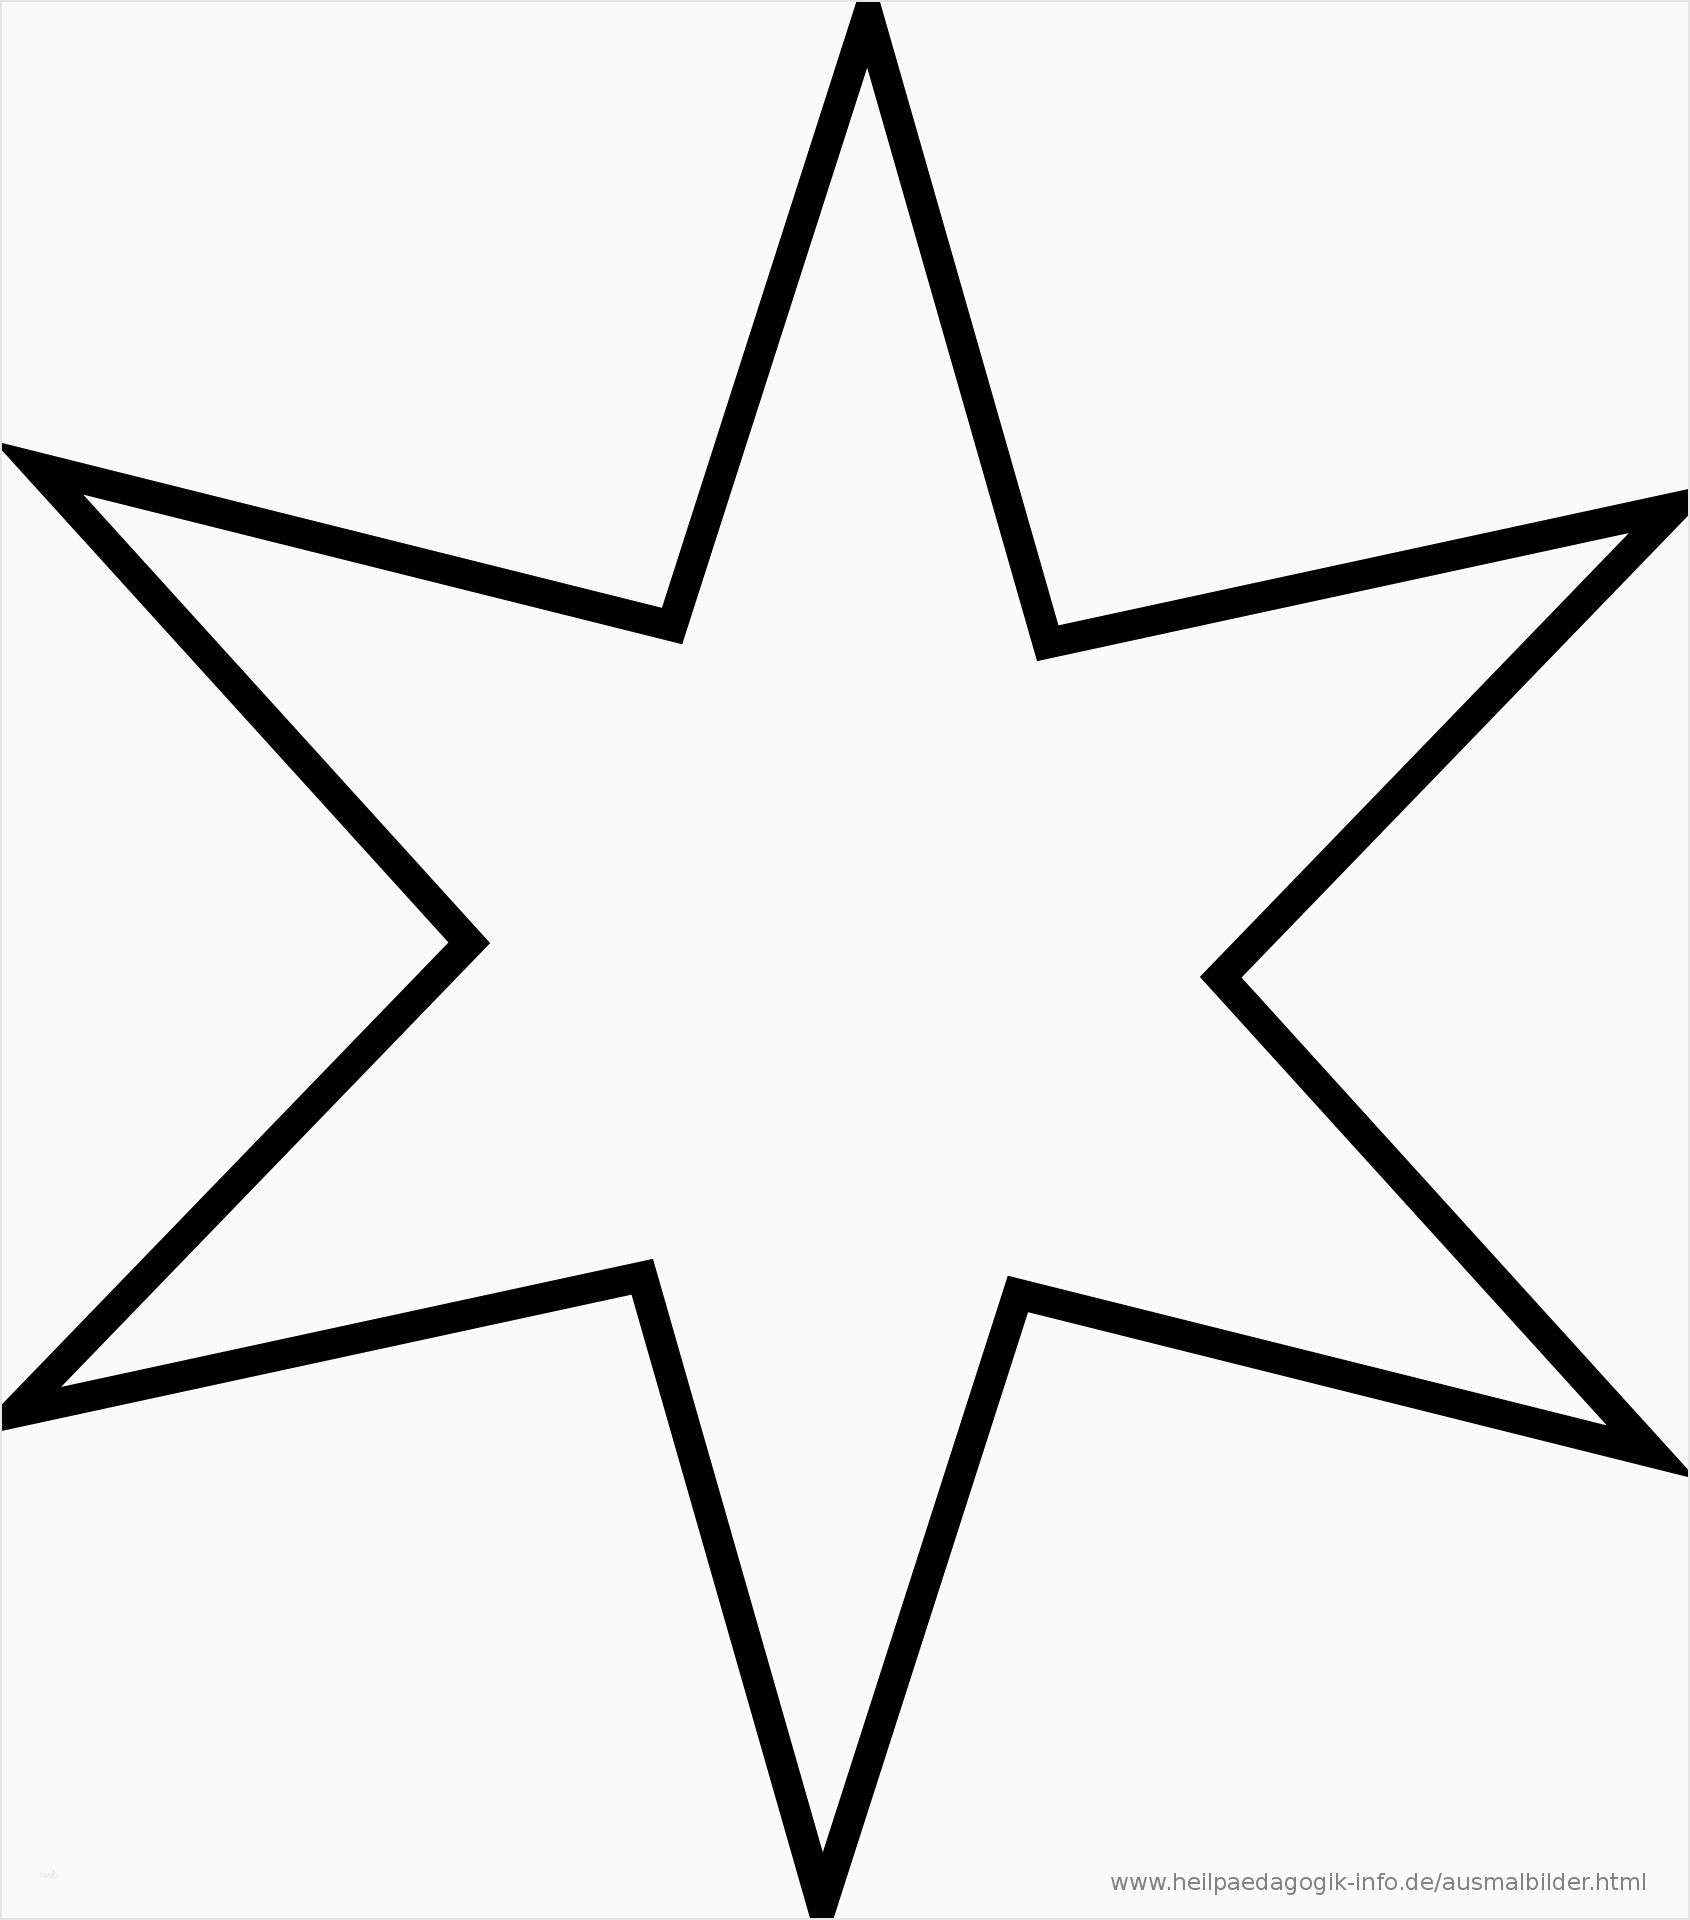 Ausmalbilder Sternschnuppe Einzigartig Stern Vorlage Zum mit Druckvorlage Stern